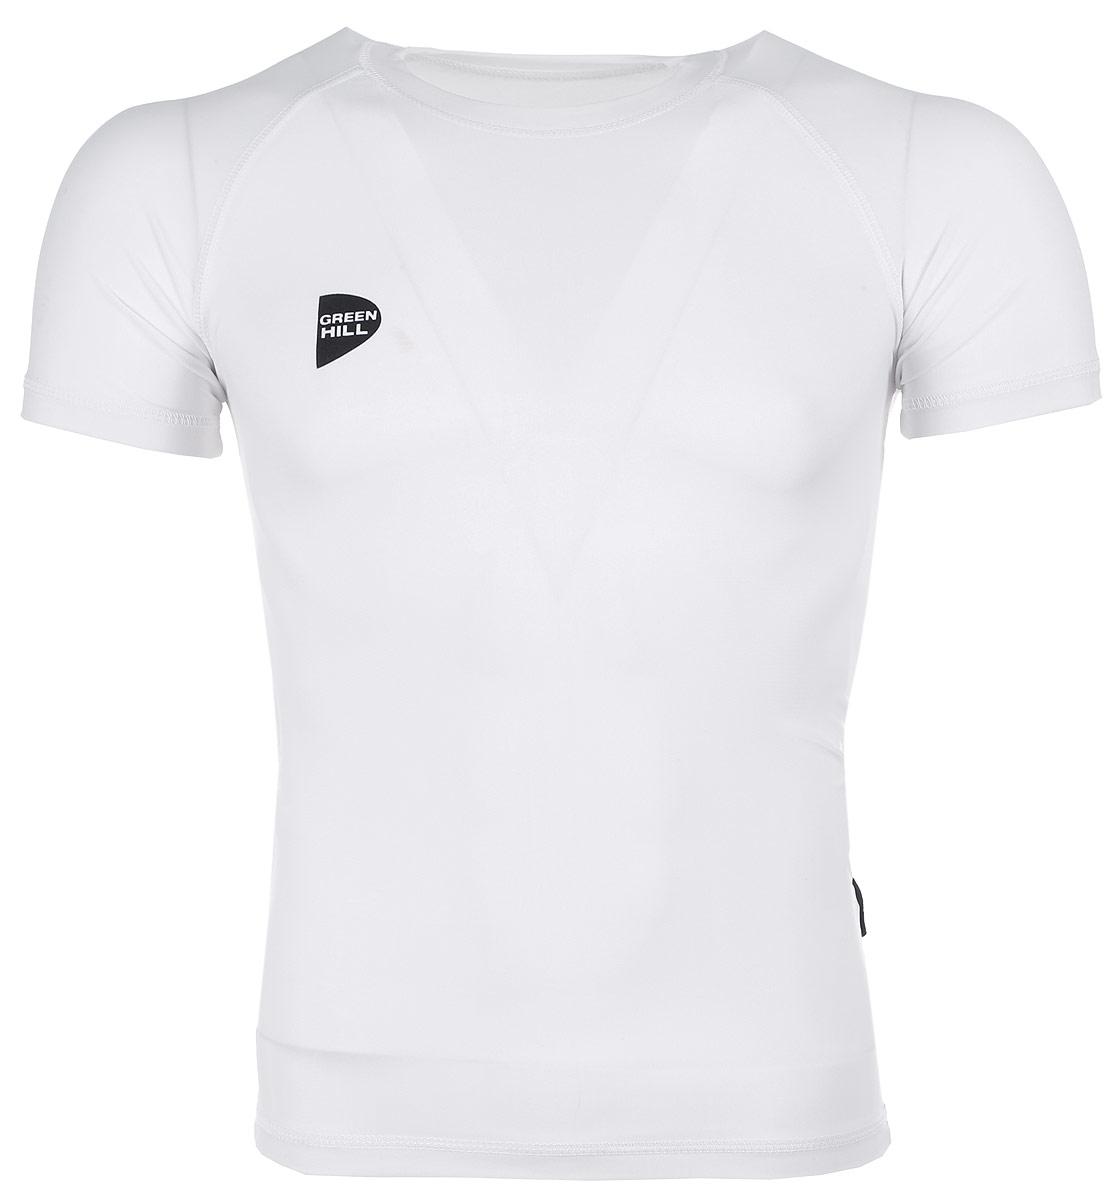 Защитная футболка  Green Hill , цвет: белый. Размер XL. RGS-3558f - Единоборства